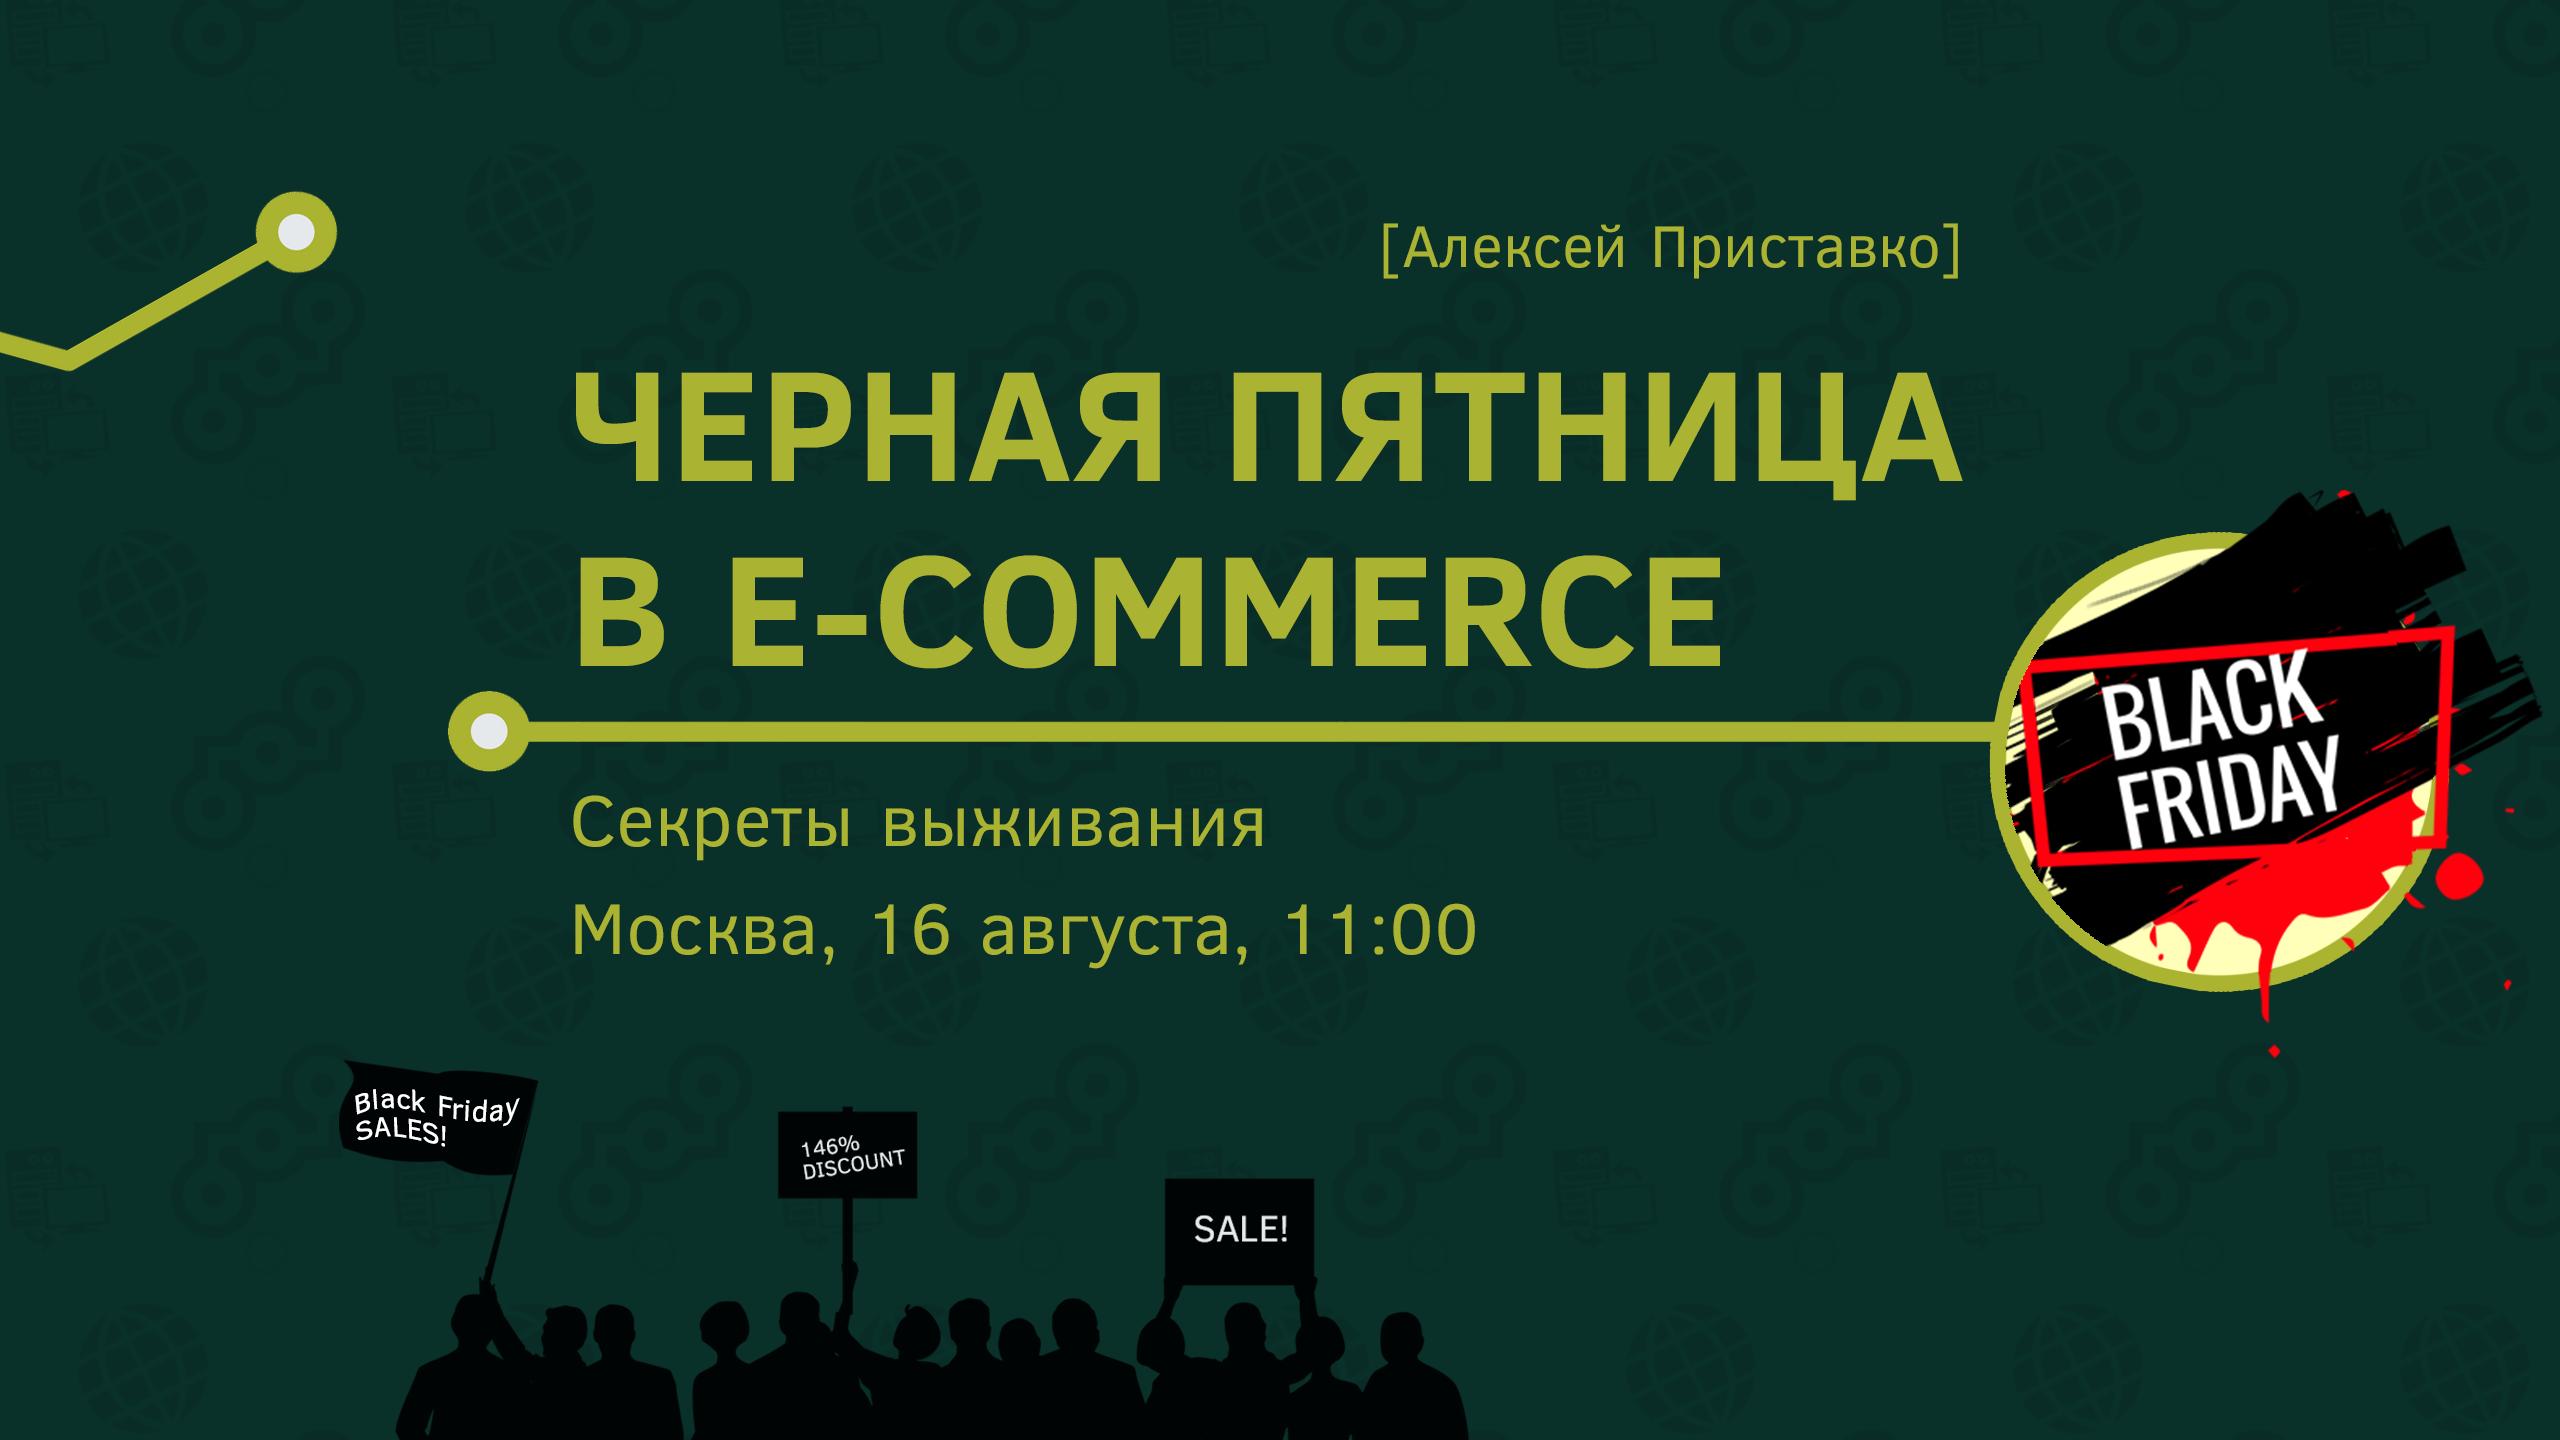 Семинар «Чёрная пятница в e‑commerce. Секреты выживания», 16 августа, Москва - 1